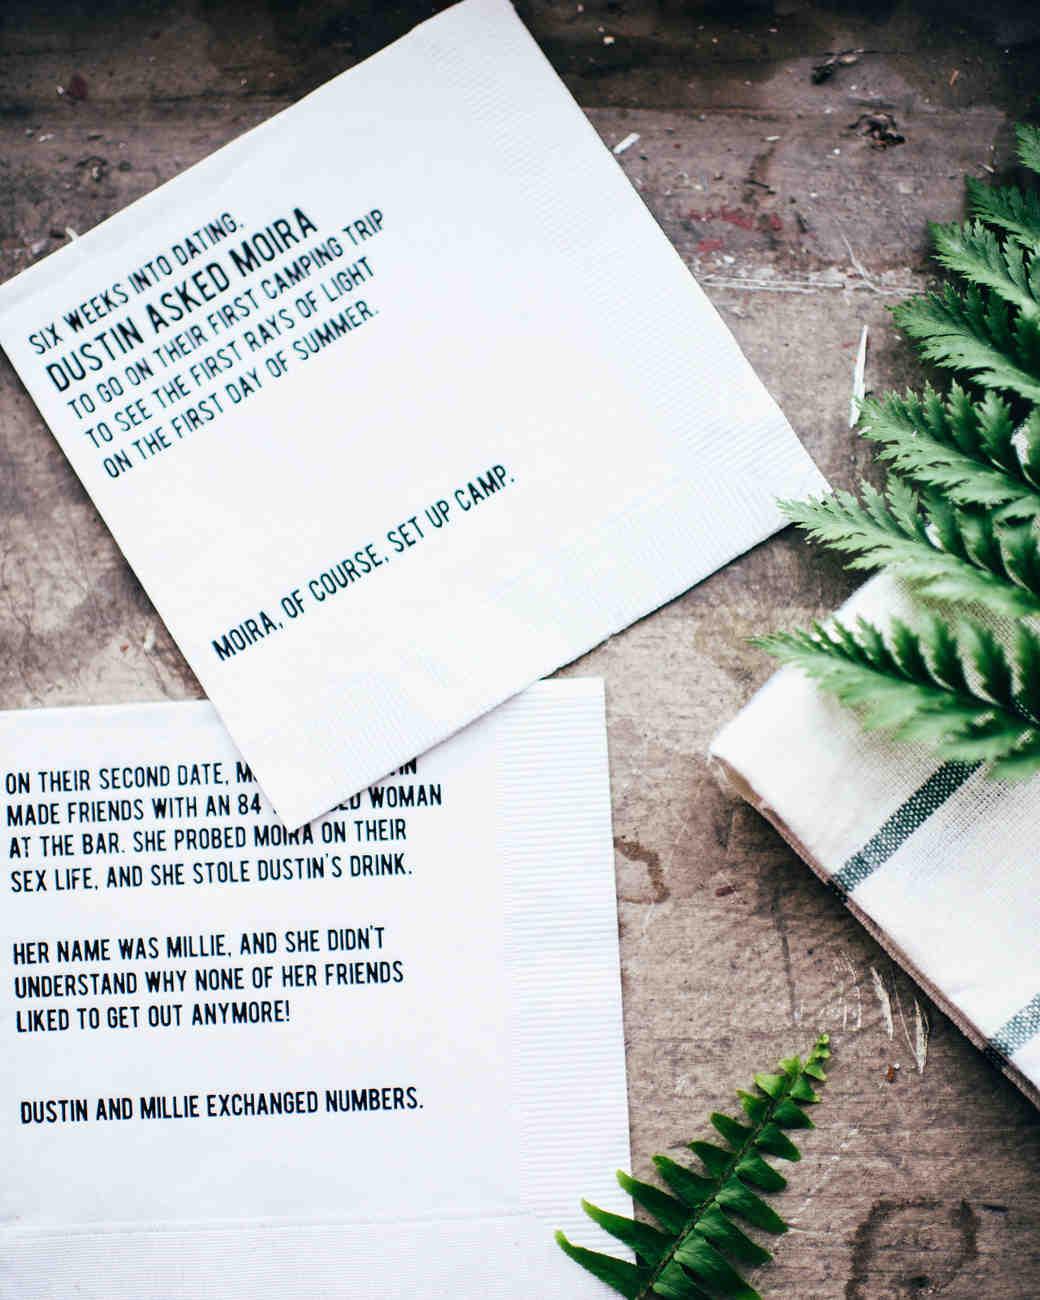 moira-dustin-wedding-cocktail-napkins-massachusetts-71-s112717.jpg